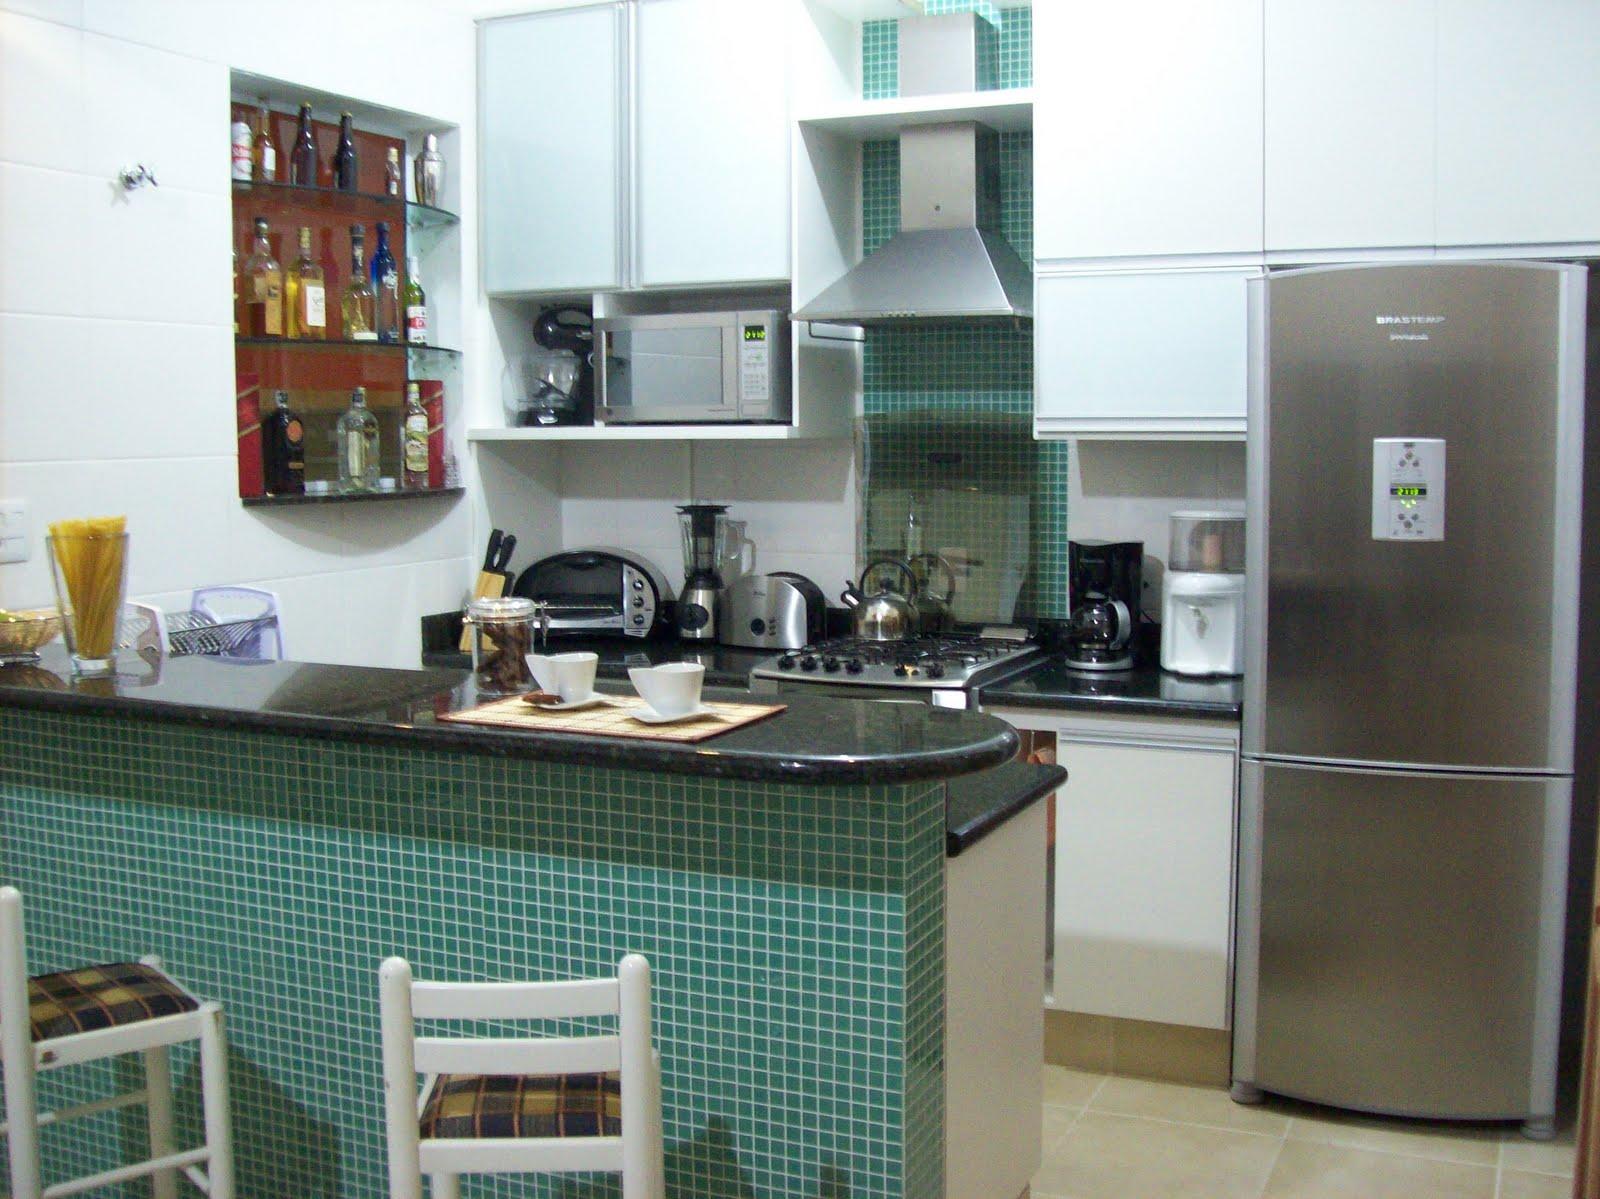 decoracao cozinha muito pequena:Cozinha De Apartamento Pequeno #644738 1600 1199